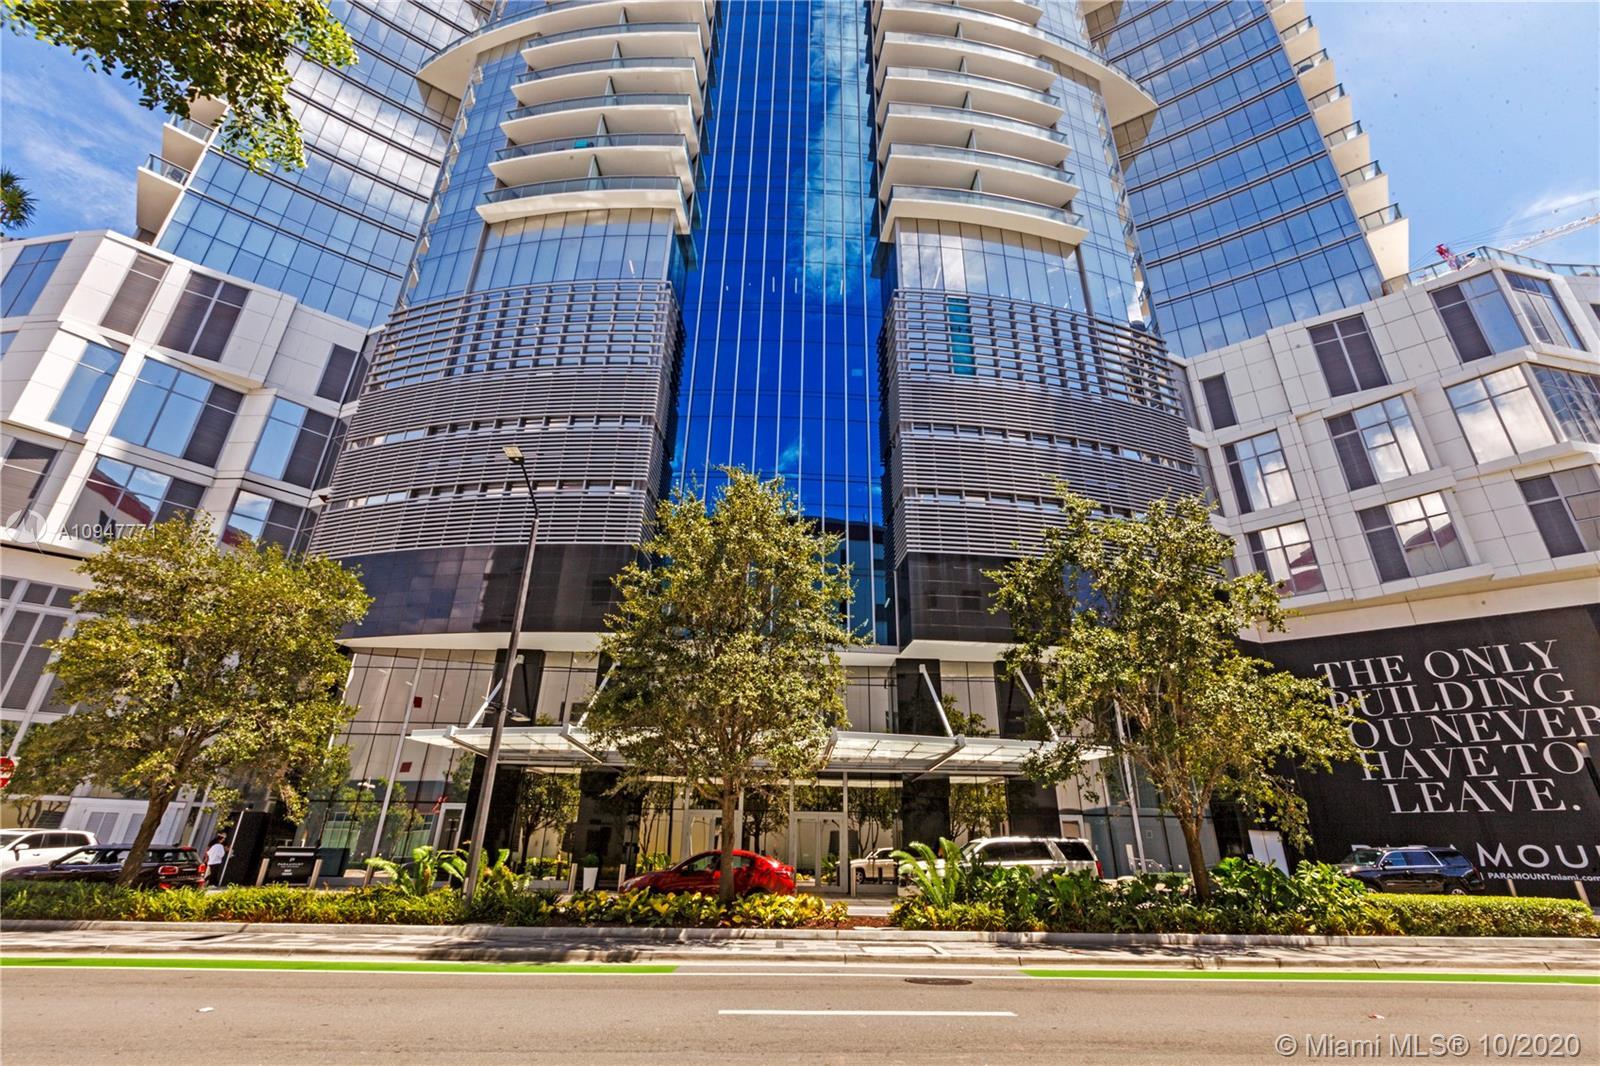 Paramount Miami Worldcenter #4009+cabana - 851 NE 1st Ave #4009+cabana, Miami, FL 33132